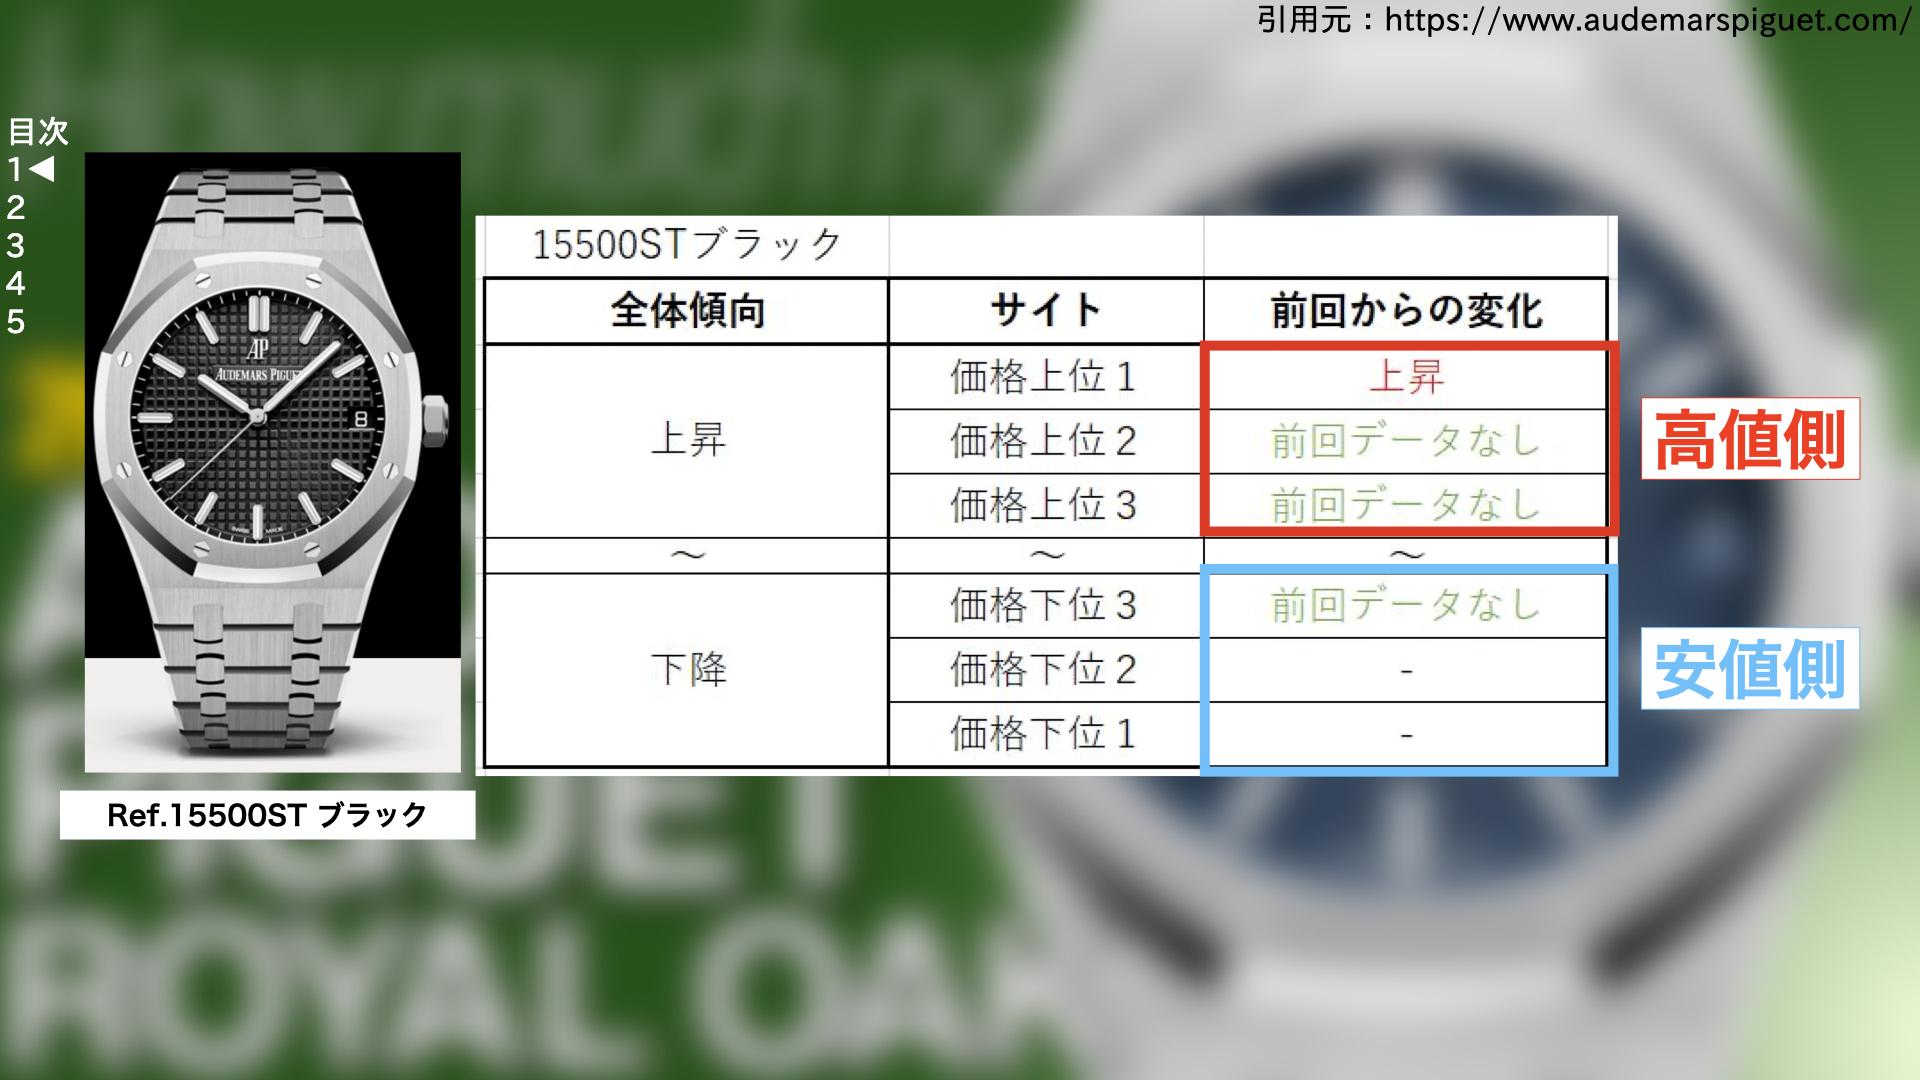 スライド_200418【買取価格】ロイヤルオーク.005